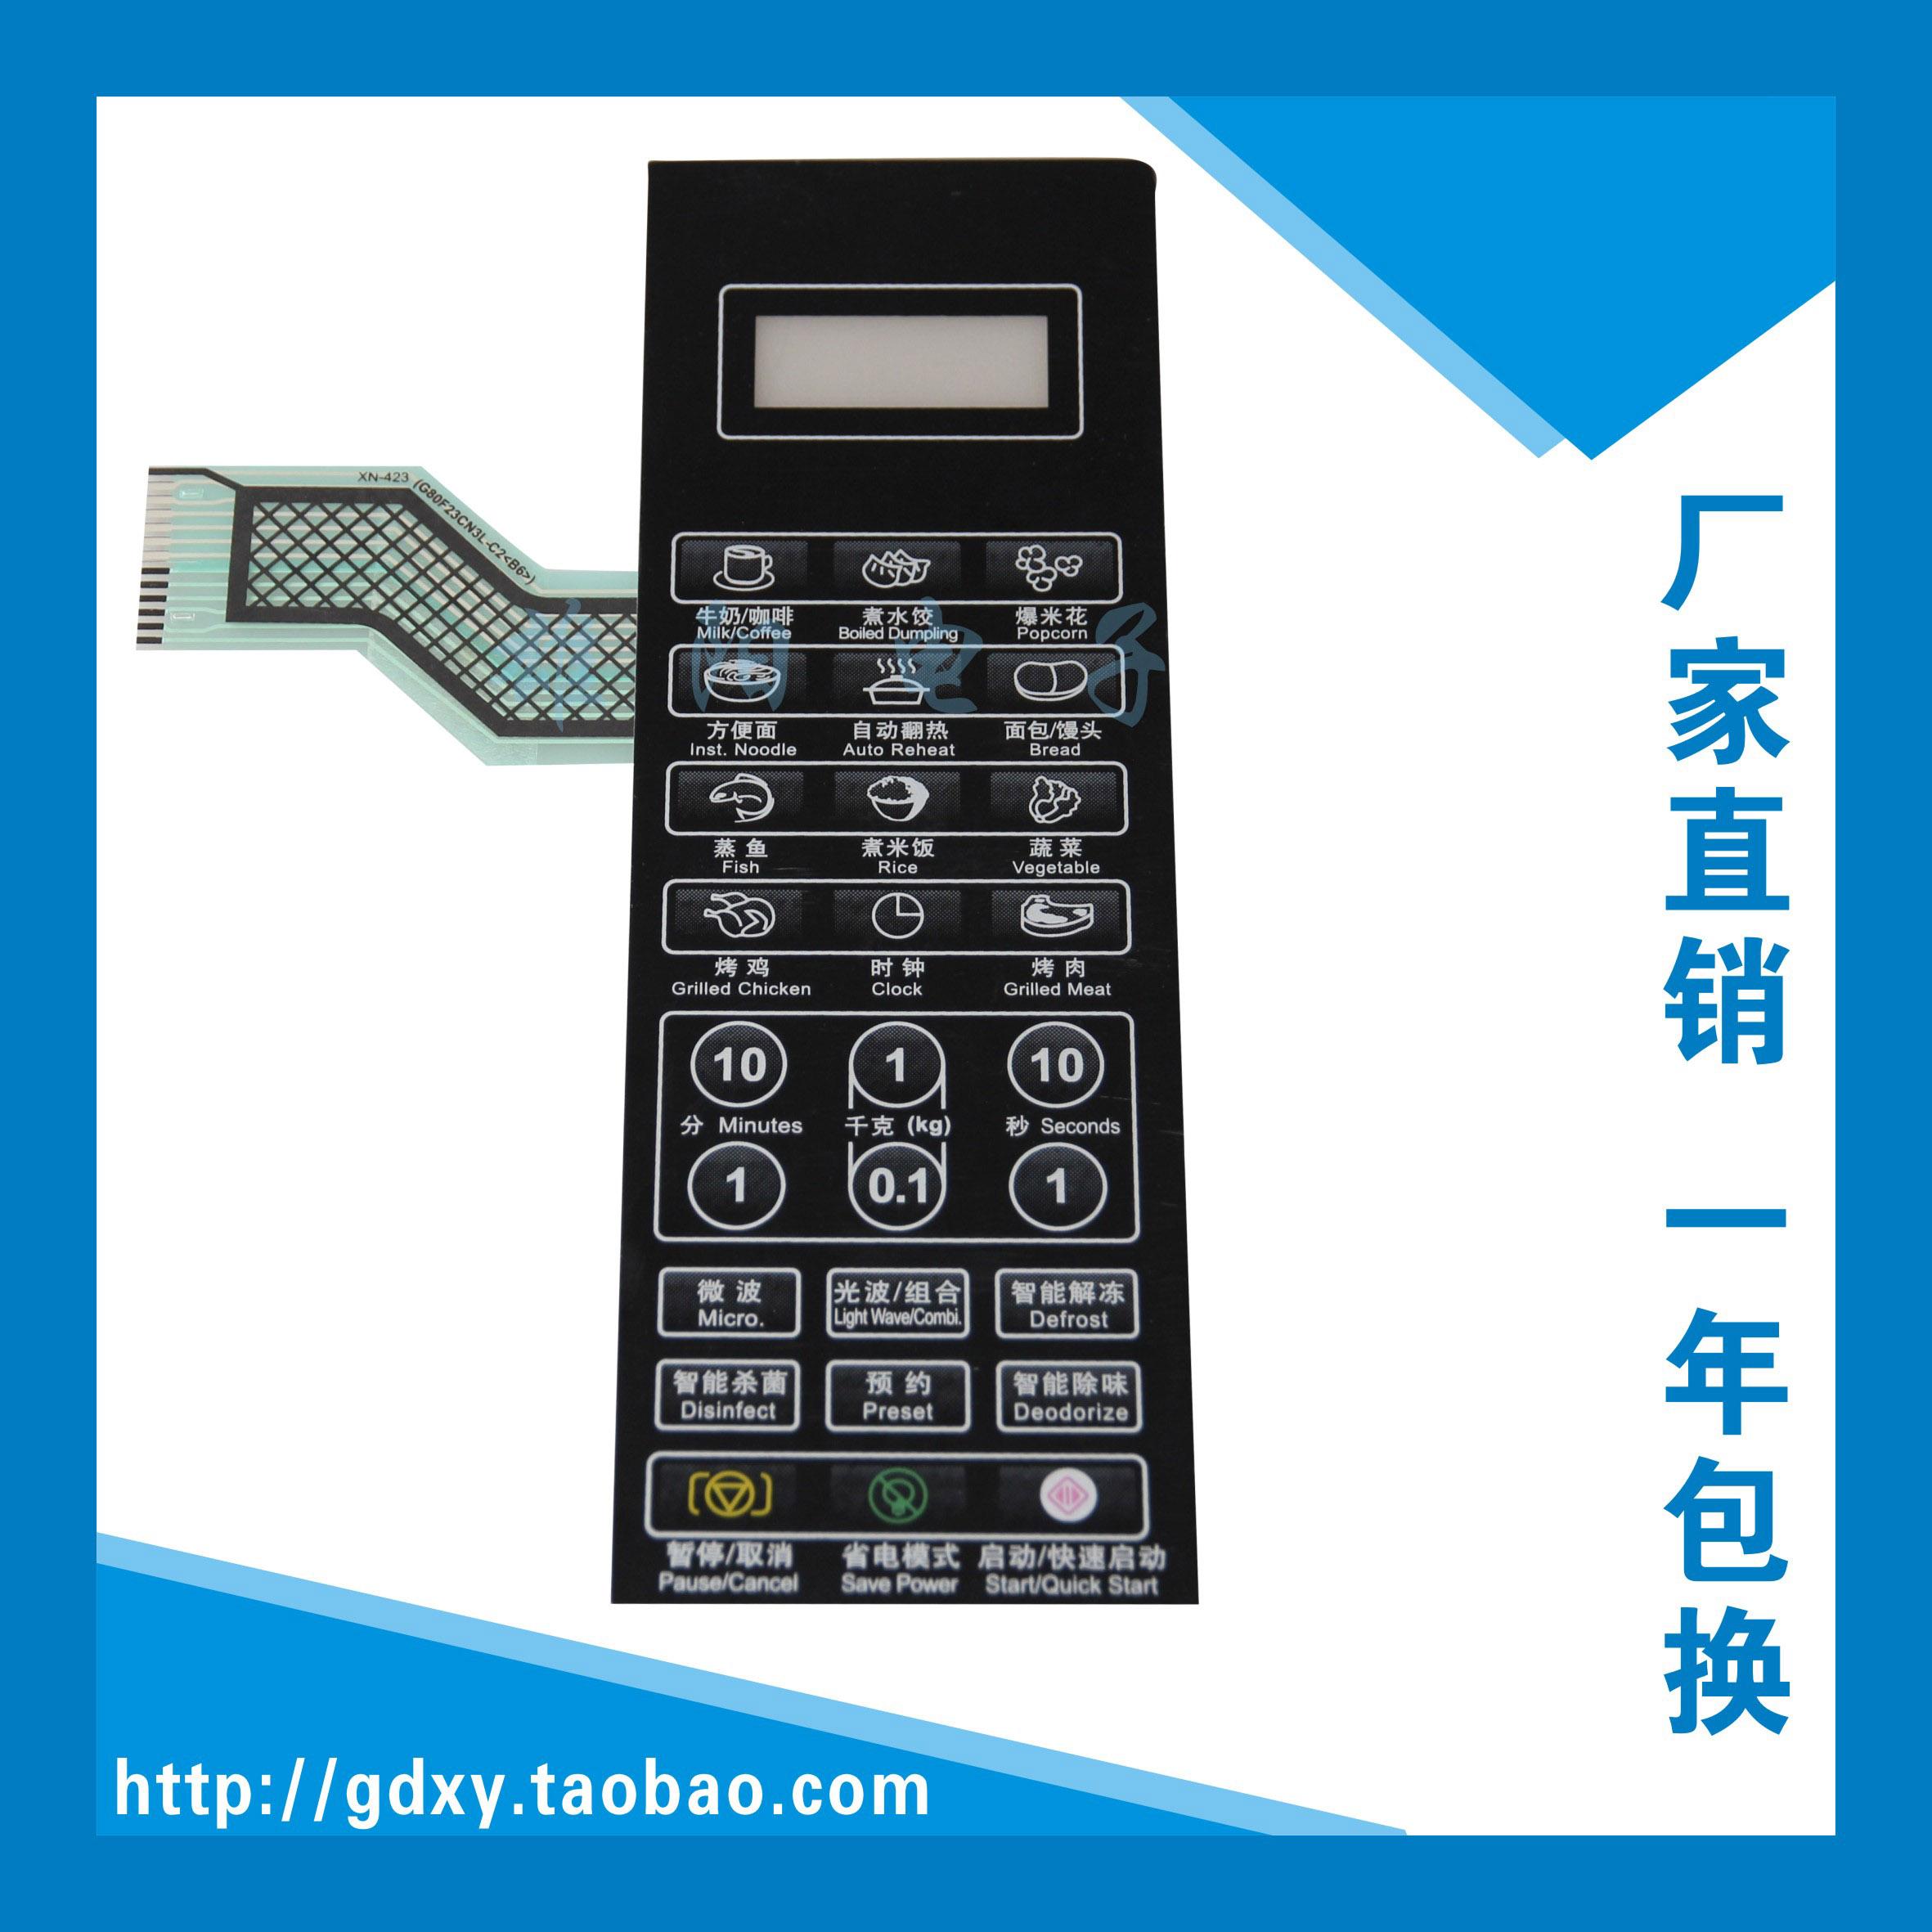 ギャランツ電子レンジパネルシートスイッチG80F23CN3L-C2(B6)タッチキー膜コントロールパネル